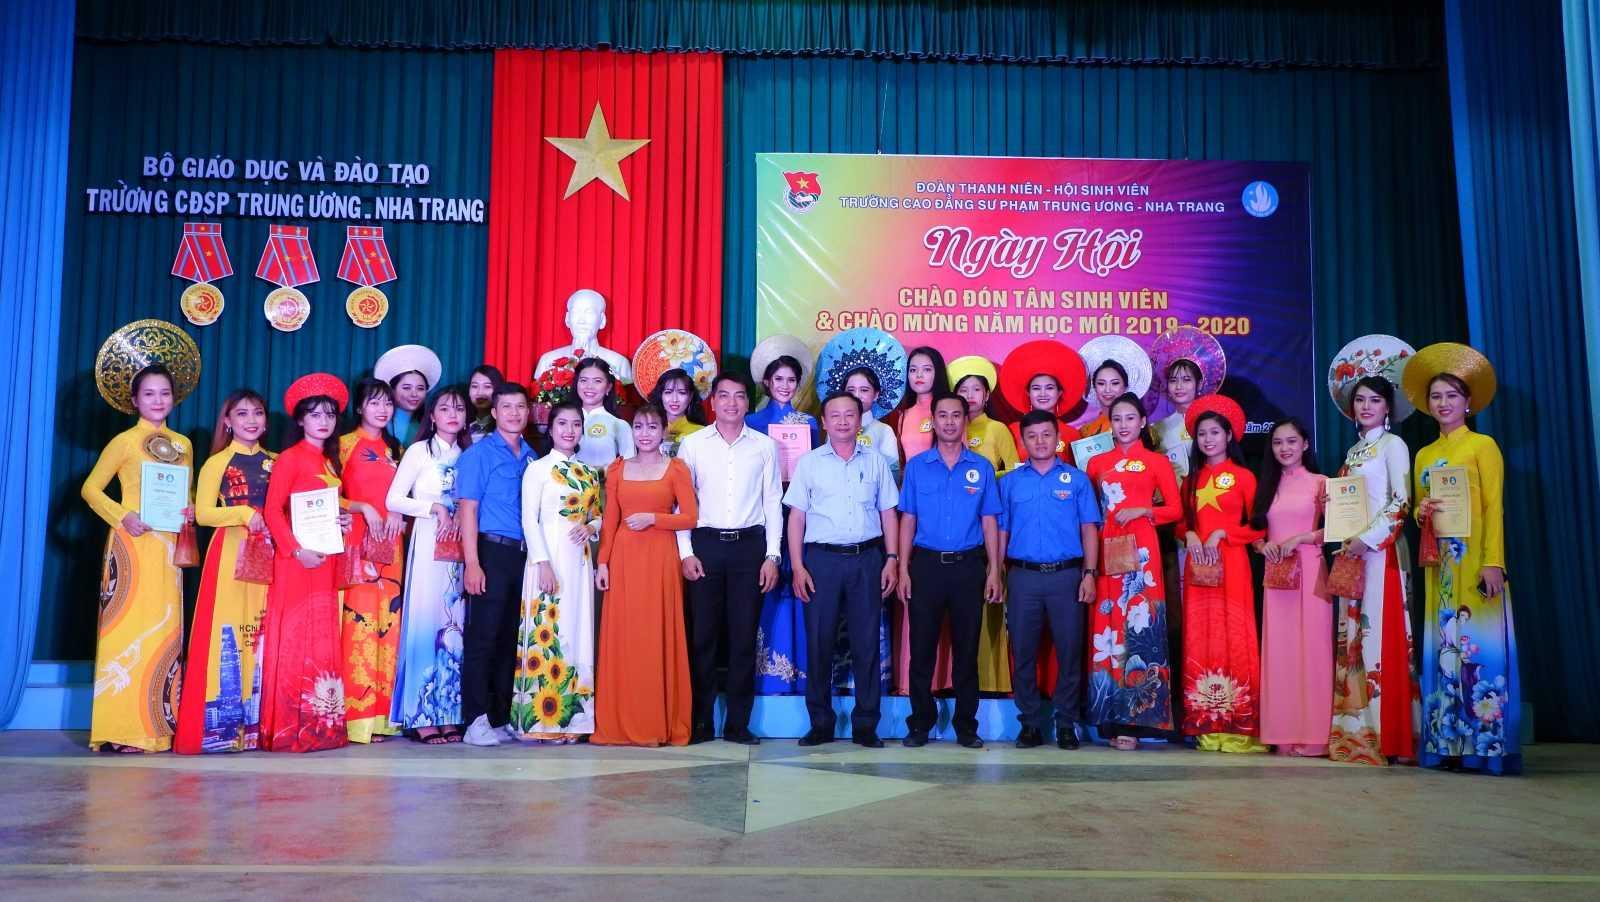 TRƯỜNG CĐSP TRUNG ƯƠNG NHA TRANG: Dạ hội chào tân sinh viên và chào mừng Năm học mới 2019 - 2020 1